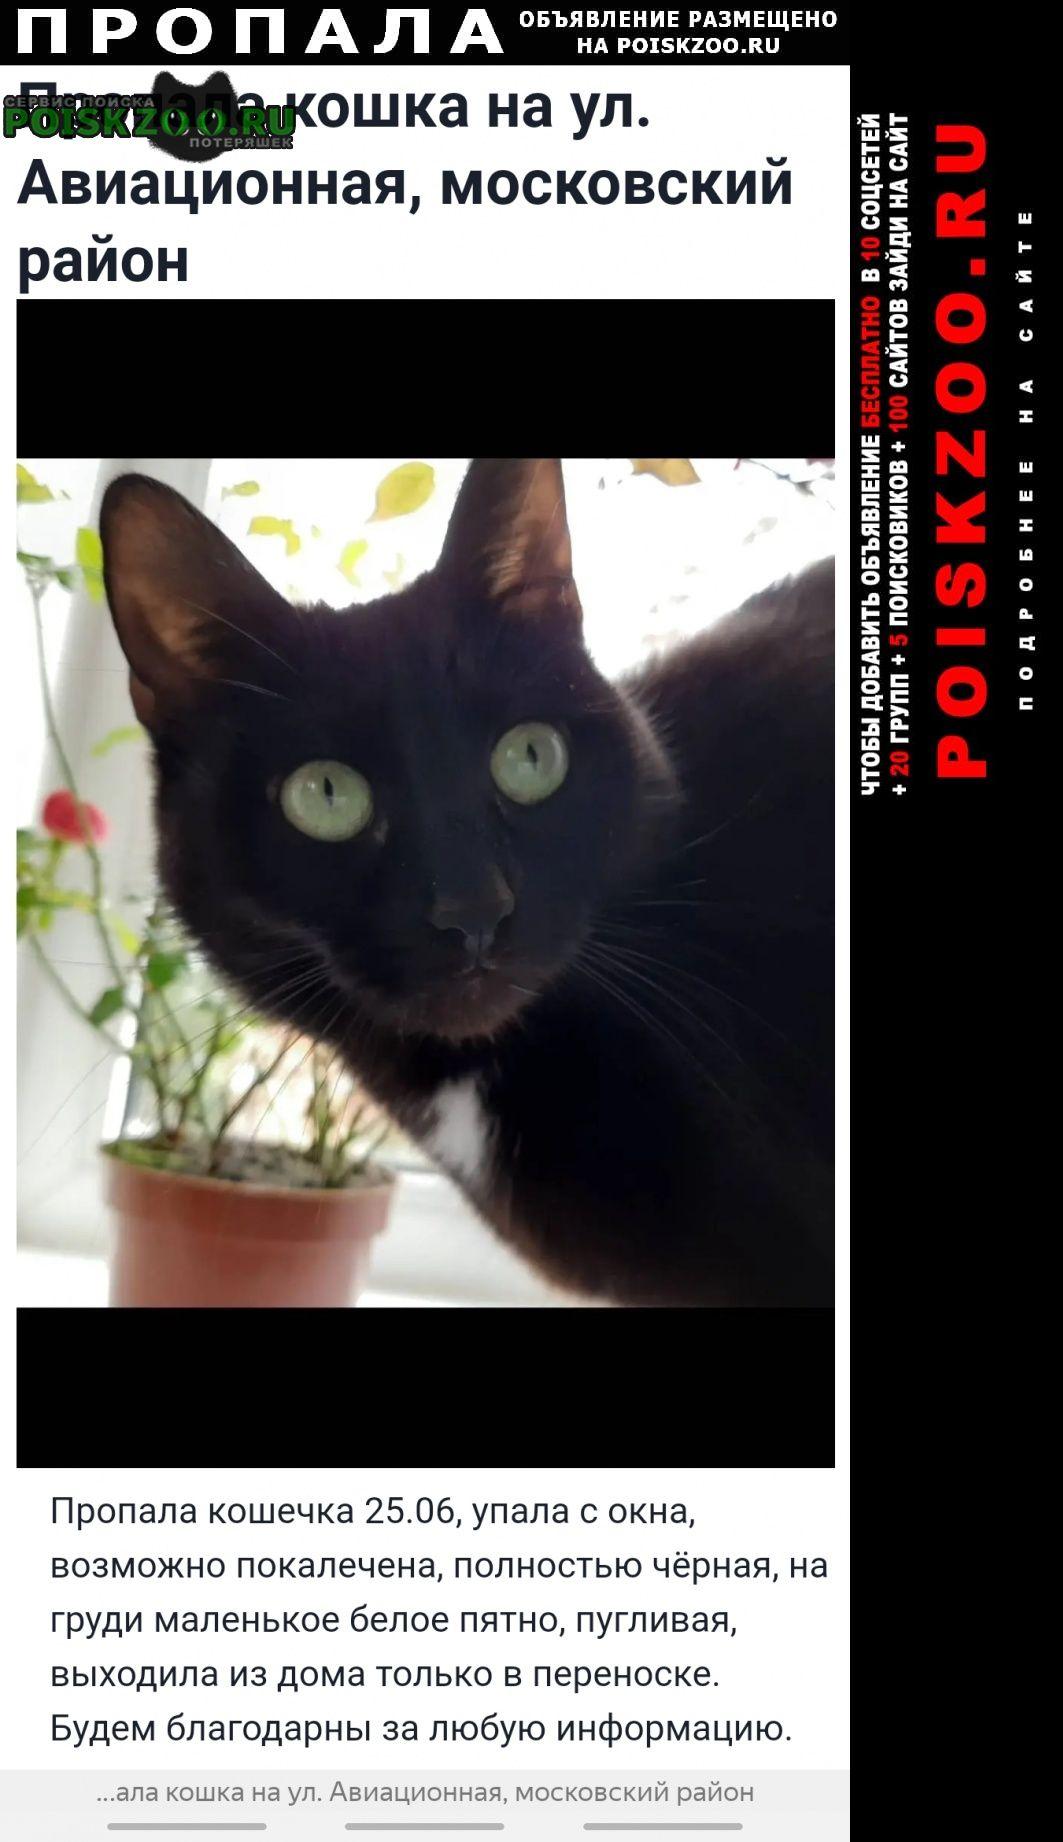 Пропала кошка кошечка на ул. авиационная Санкт-Петербург